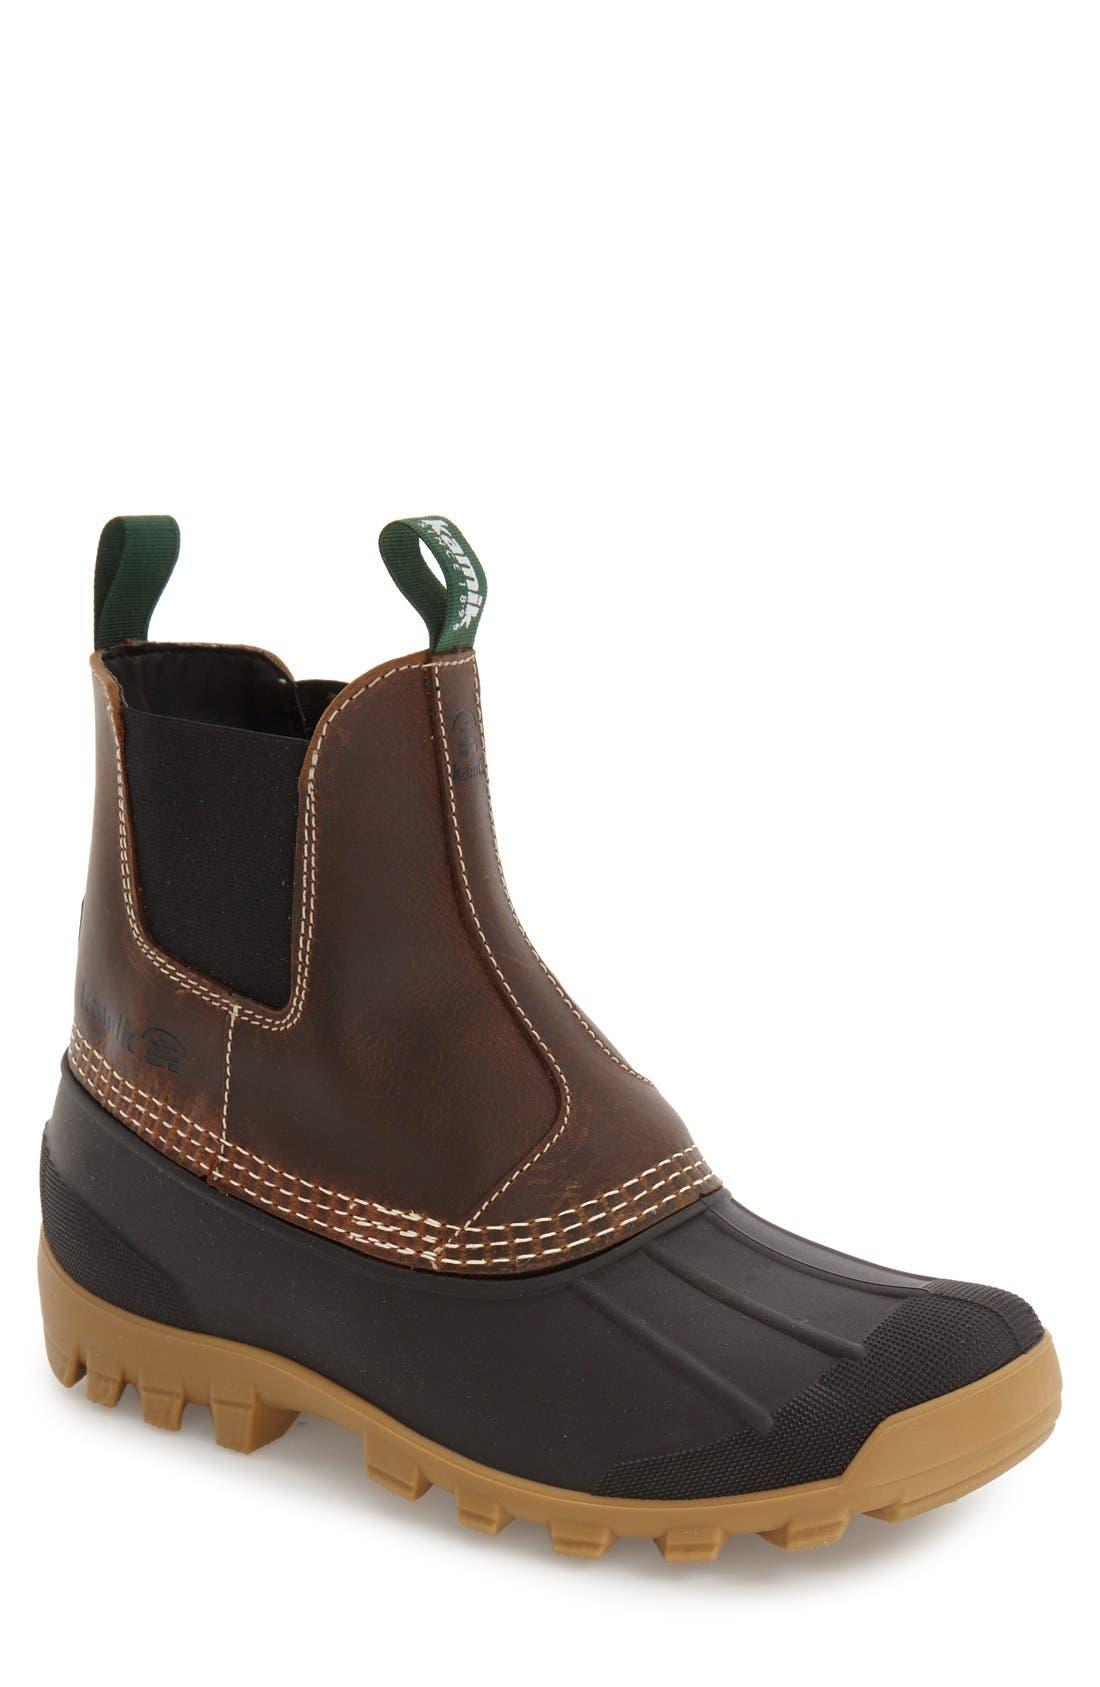 Main Image - Kamik Yukon C Snow Boot (Men). Color: Dark Brown Leather